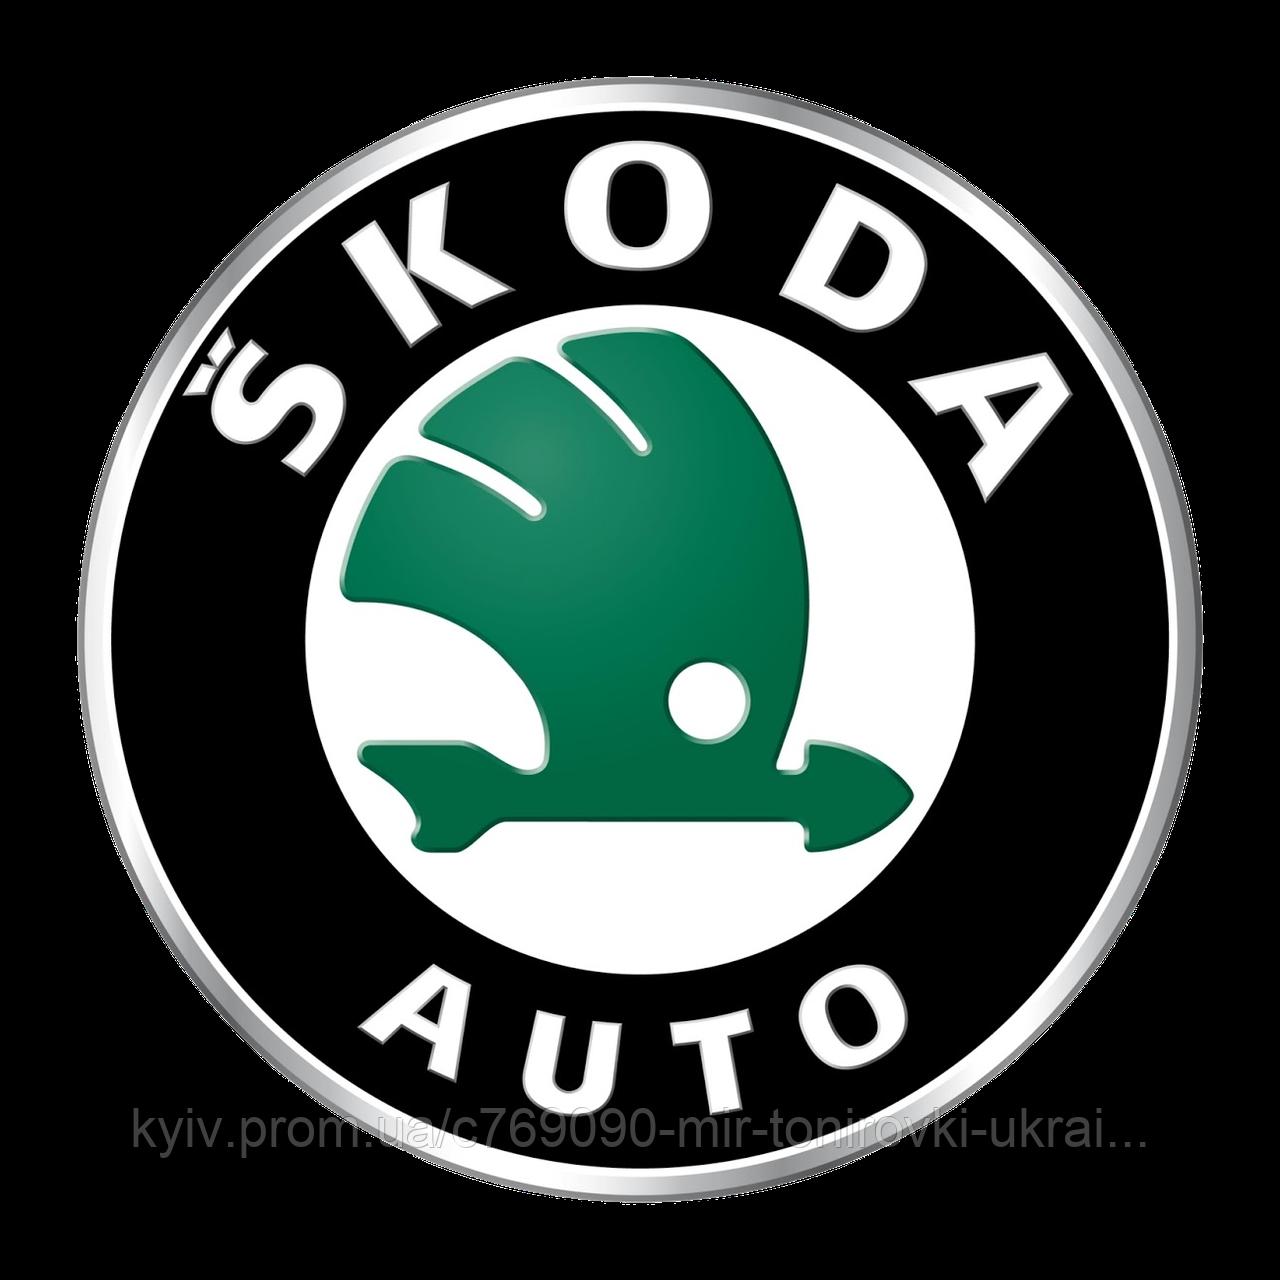 Защитные комплекты антигравийной пленки для автомобилей SKODA (ШКОДА)